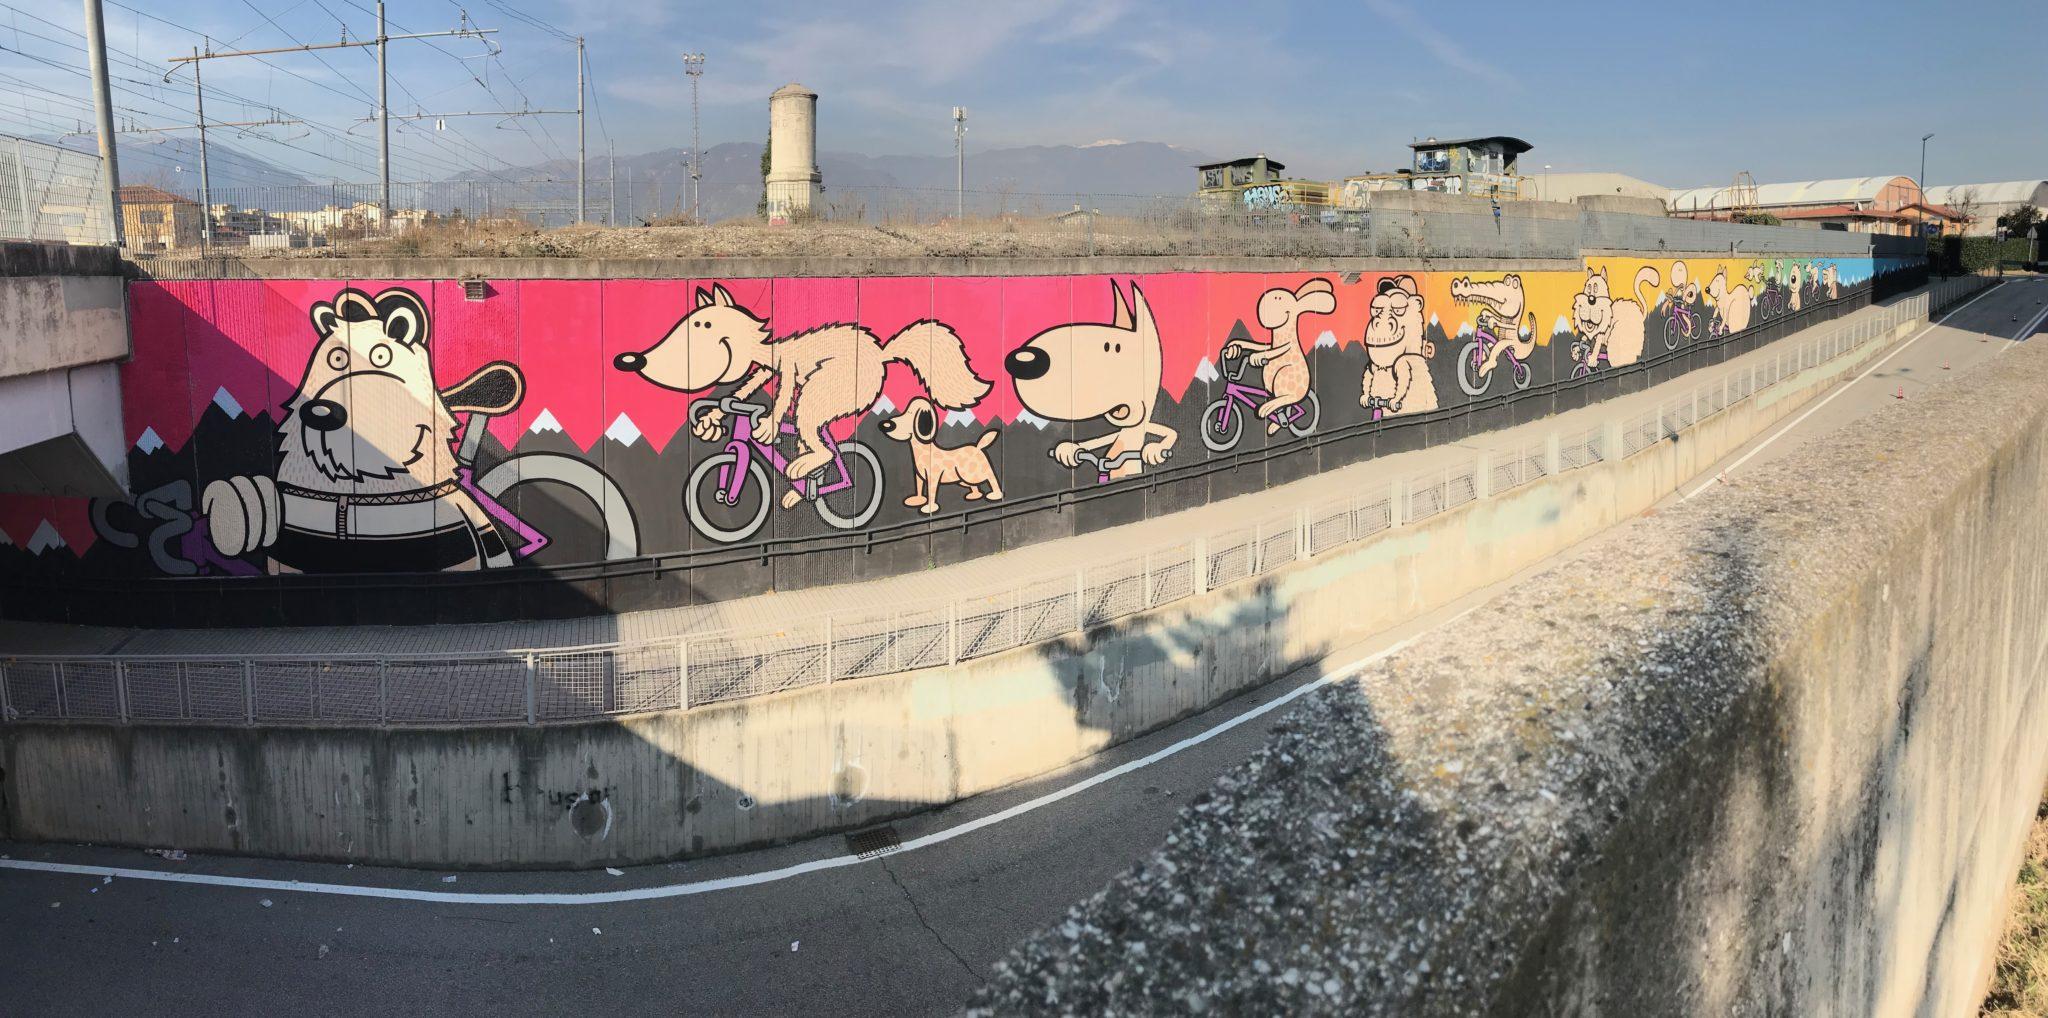 Una parata di animali in bicicletta, una sfilata di orsi e coccodrilli. RAME project a Bassano: i nuovi lavori di Ericailcane e Cento Canesio